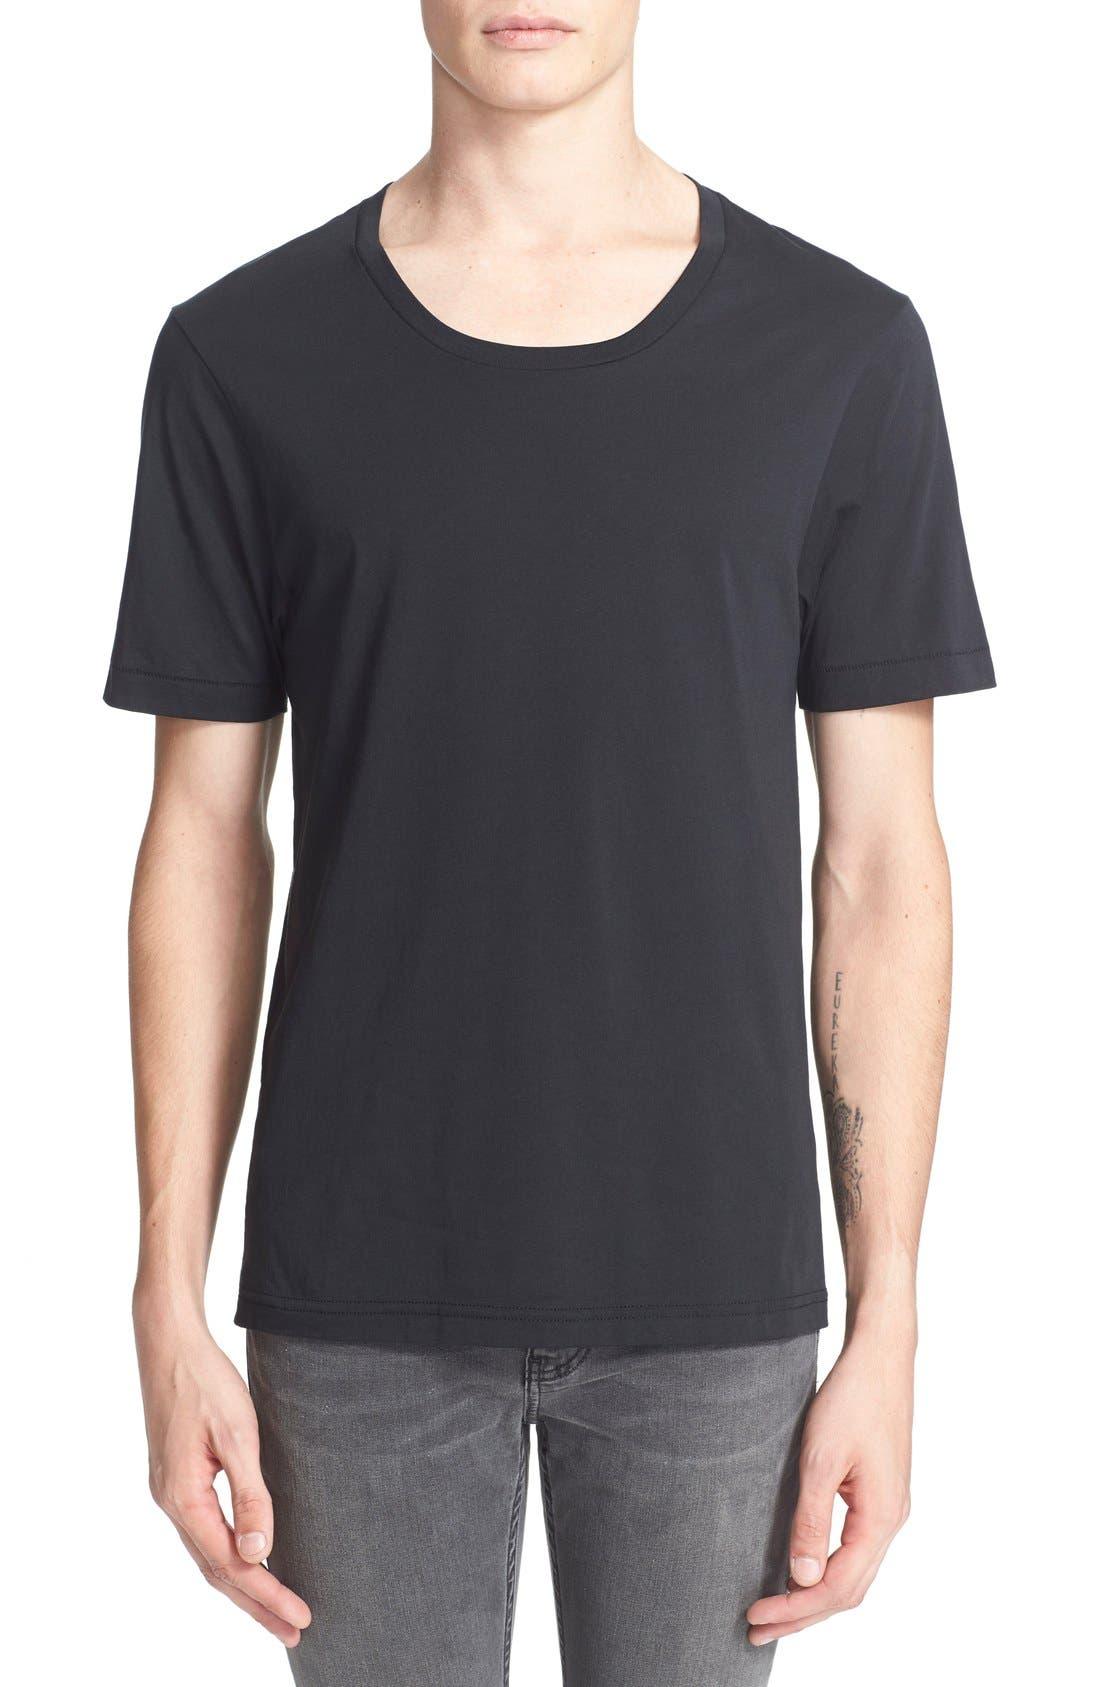 BLK DNM 'T-Shirt 3' Pima Cotton T-Shirt, Main, color, 001